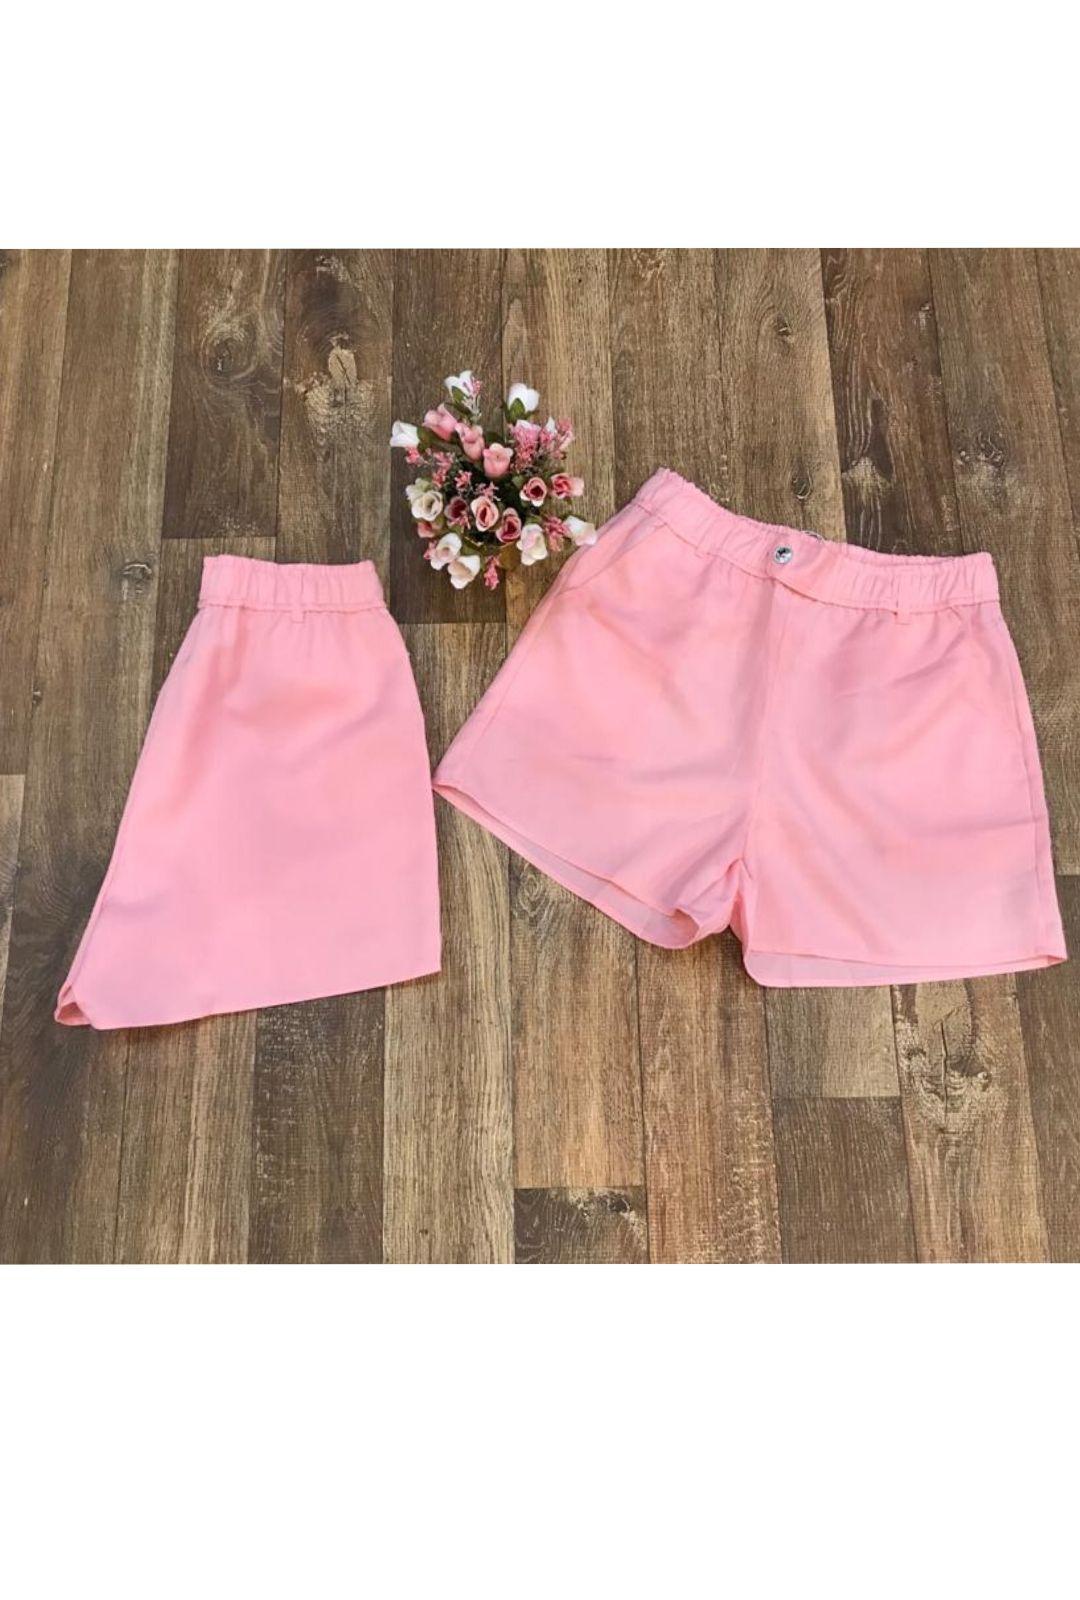 Shorts Feminino Rosa Menina  - ModaStore